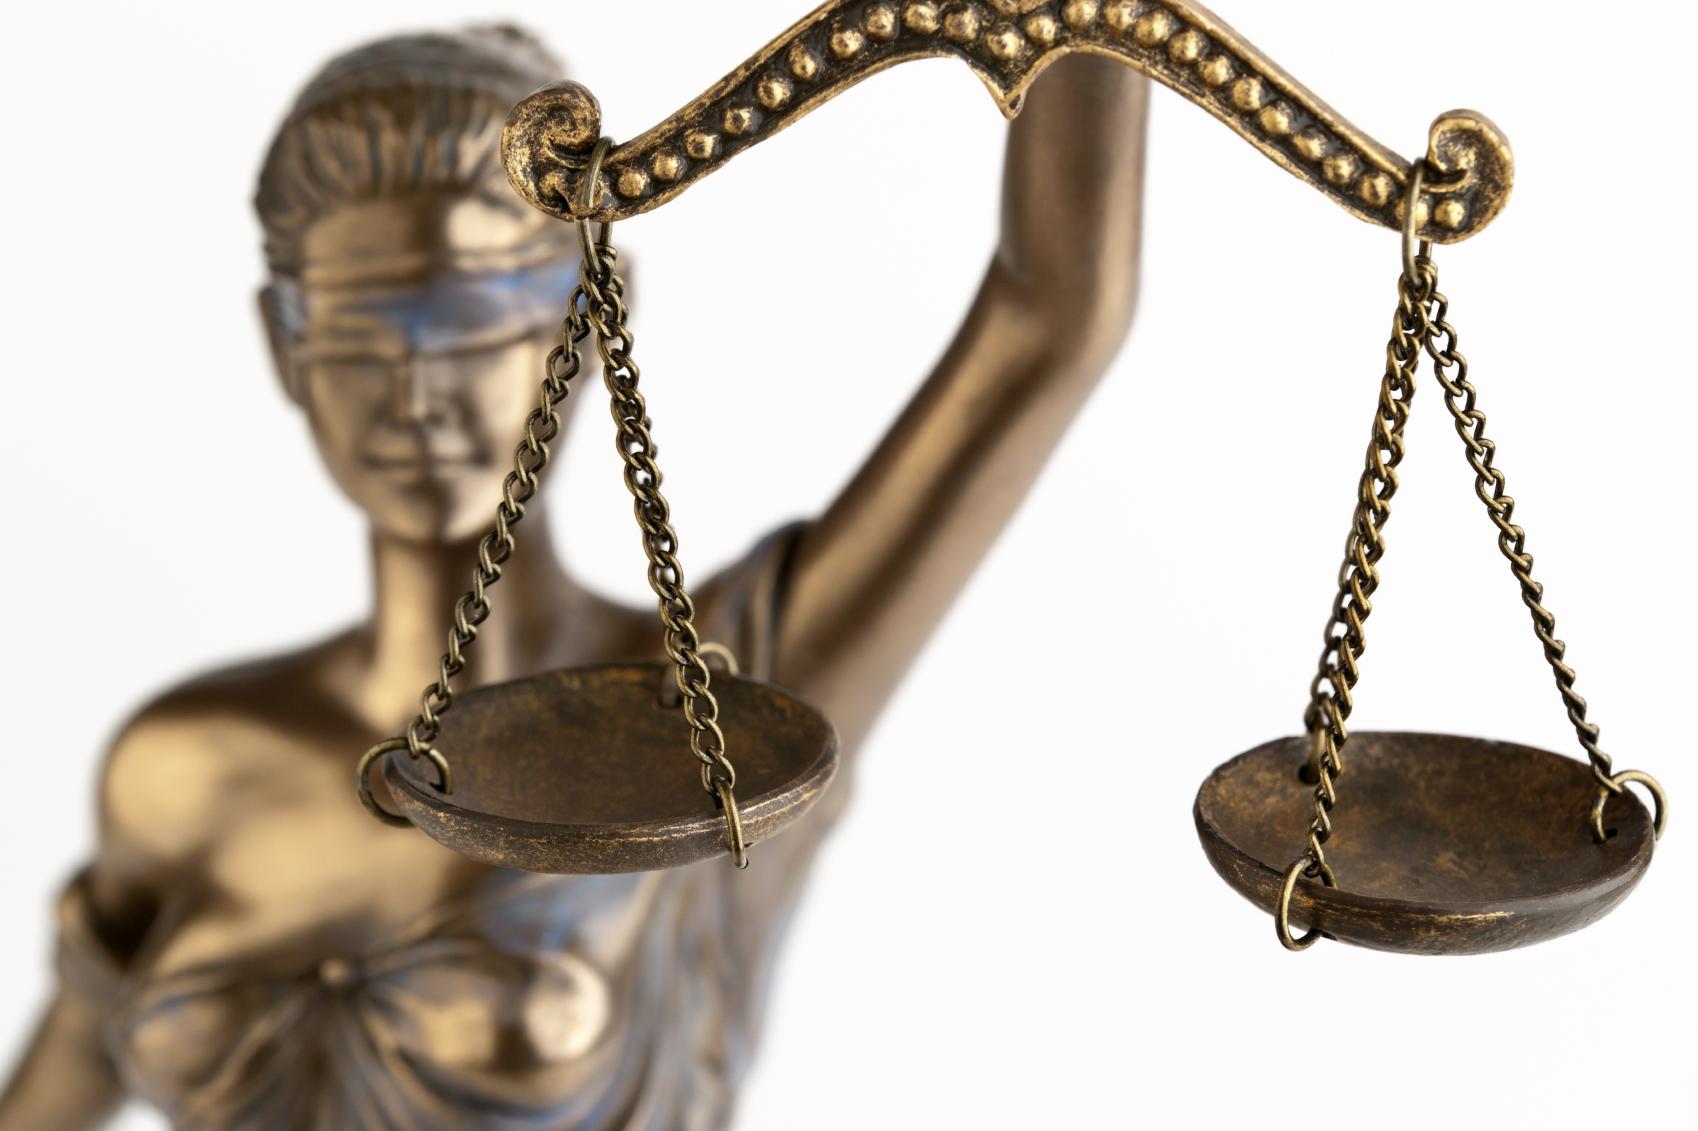 Commette reato il genitore che non mantiene il figlio nato fuori dal matrimonio